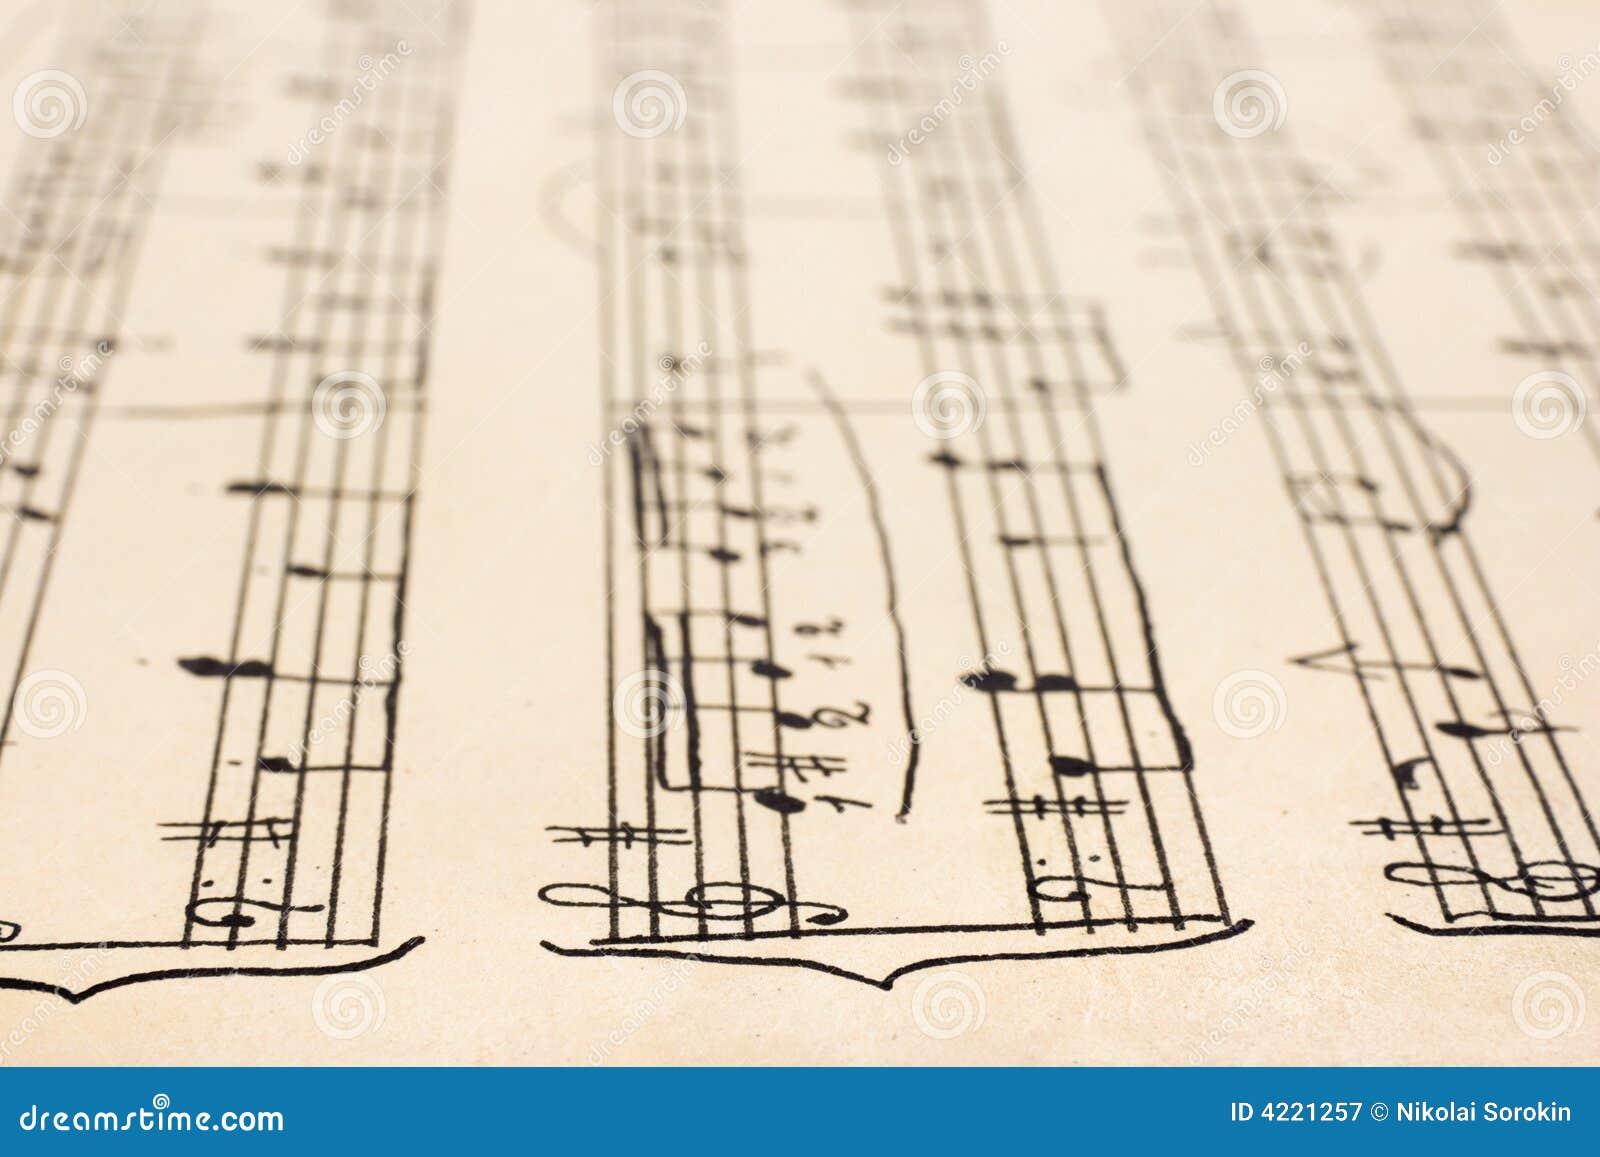 Retro handwritten sheet music